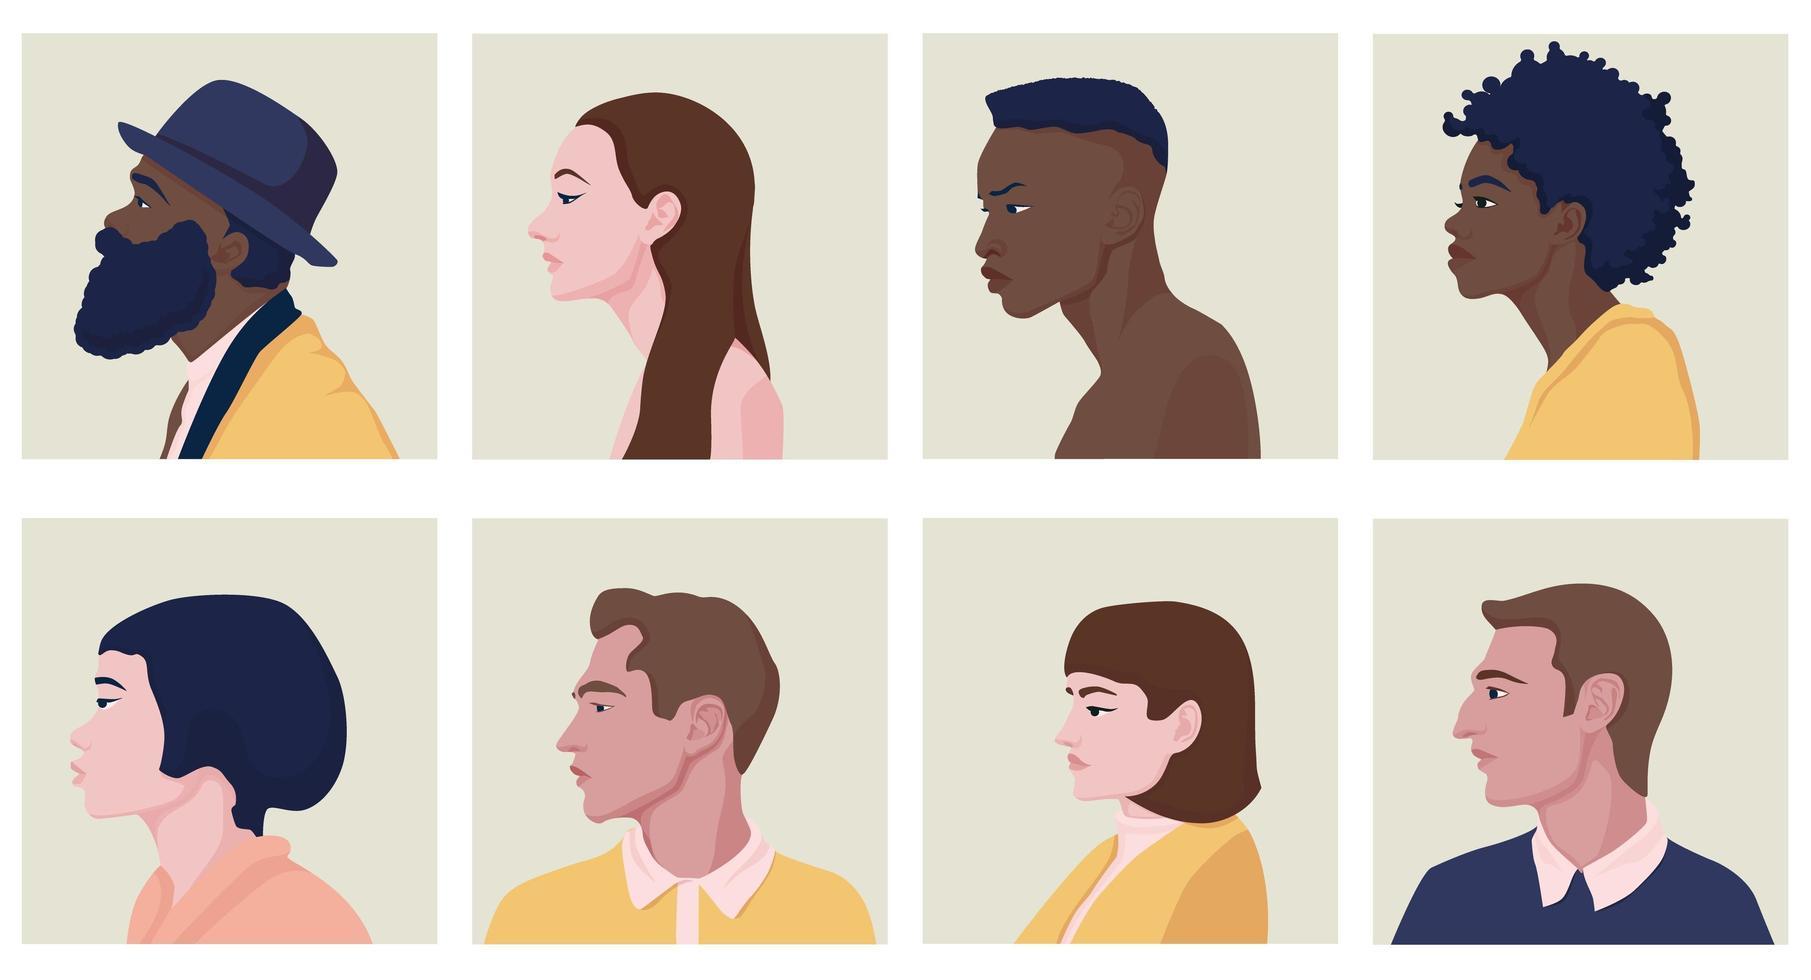 visages masculins et féminins de profil avec différentes coiffures vecteur